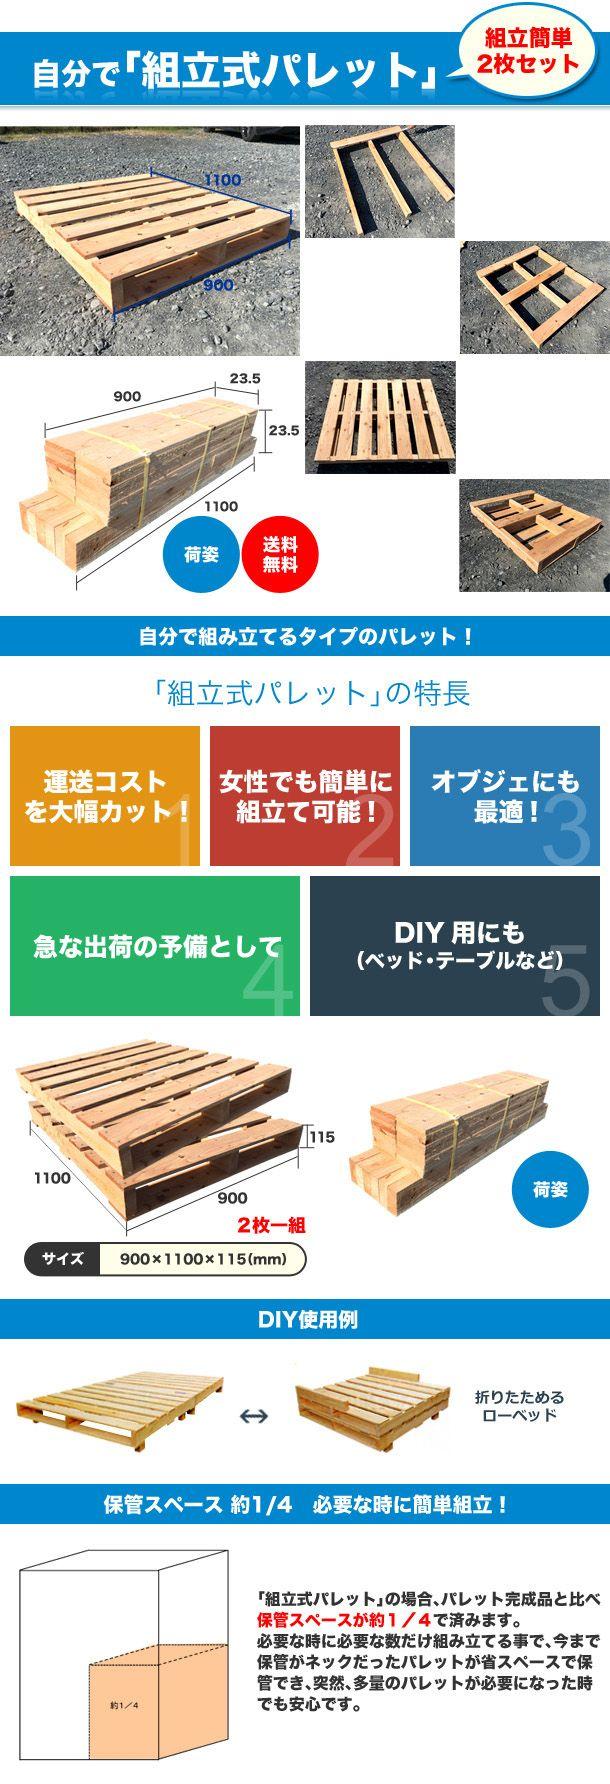 自分で「組立式パレット」松900×1100×115【2枚一組】 | 中古/新品・木製パレット、メッシュパレット、プラスチックパレット、販売